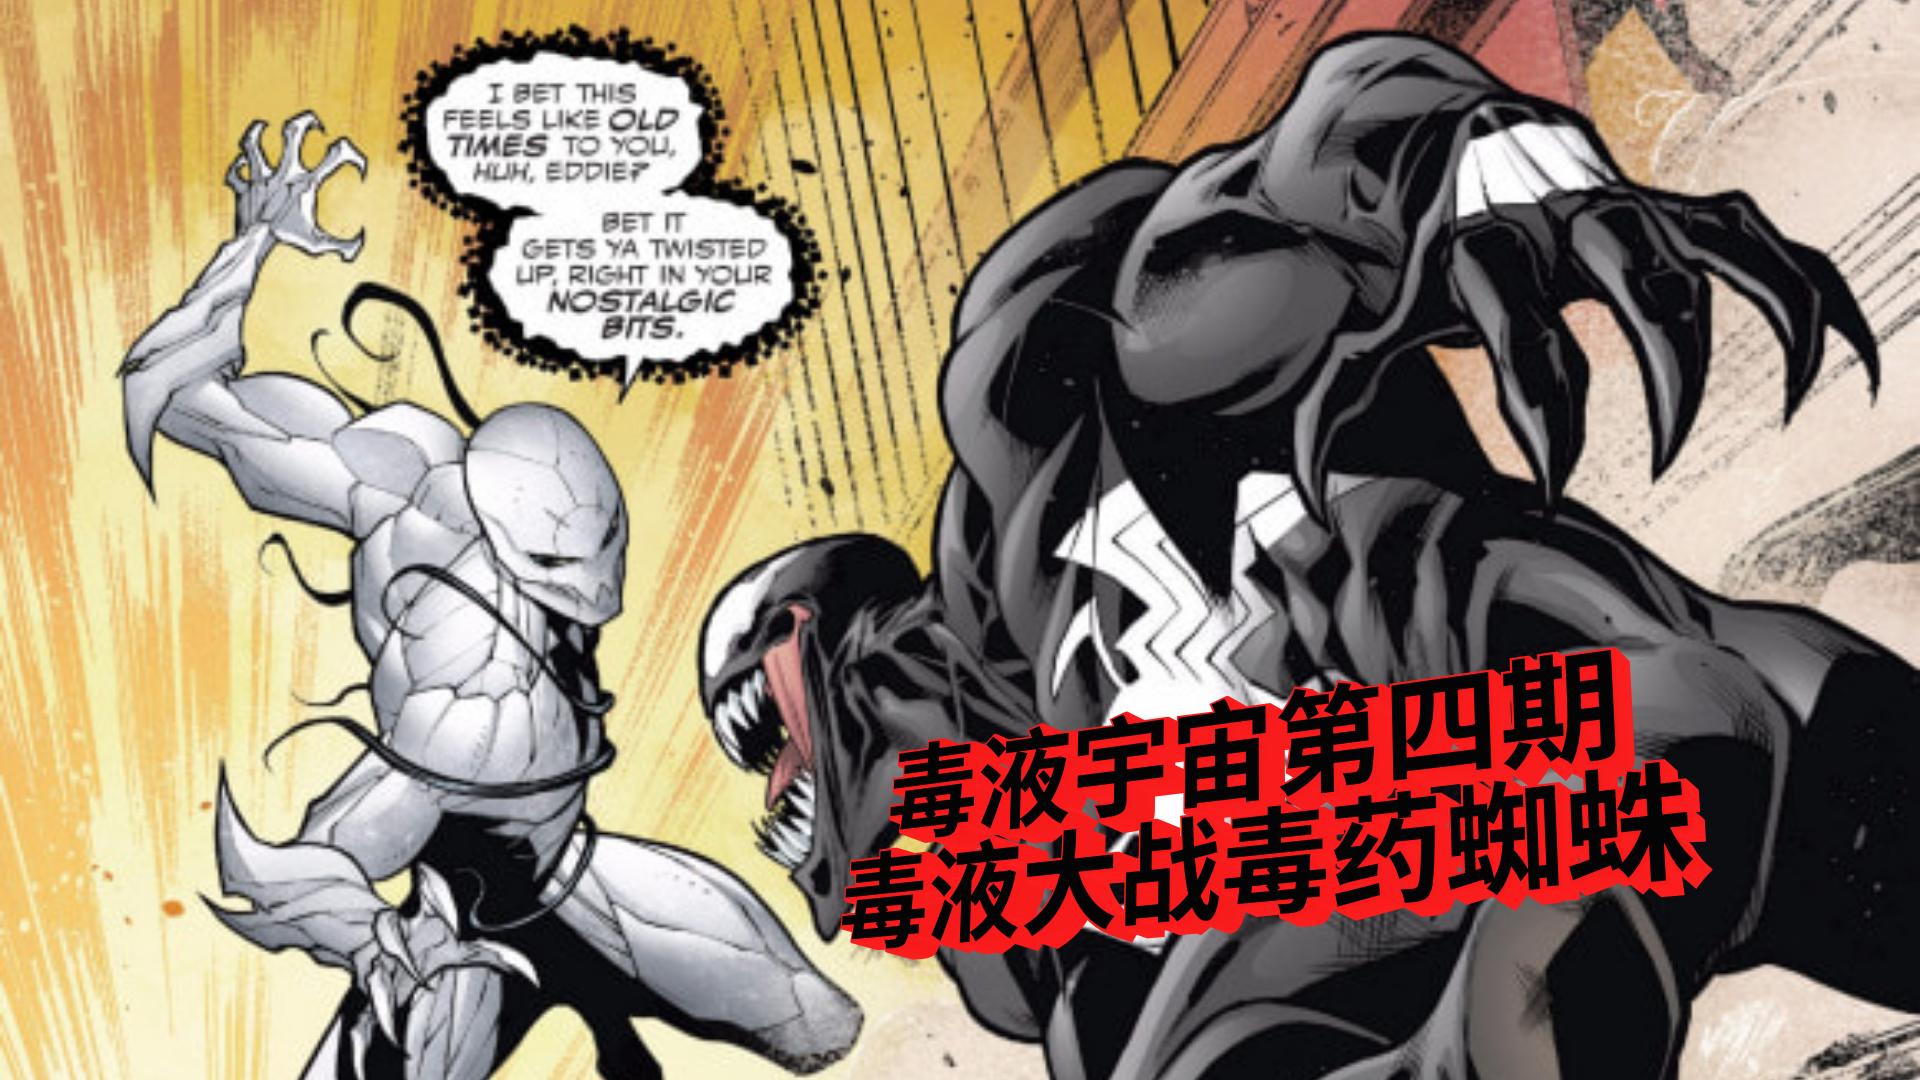 【毒液宇宙】第四期 激战毒药蜘蛛,美国队长牺牲